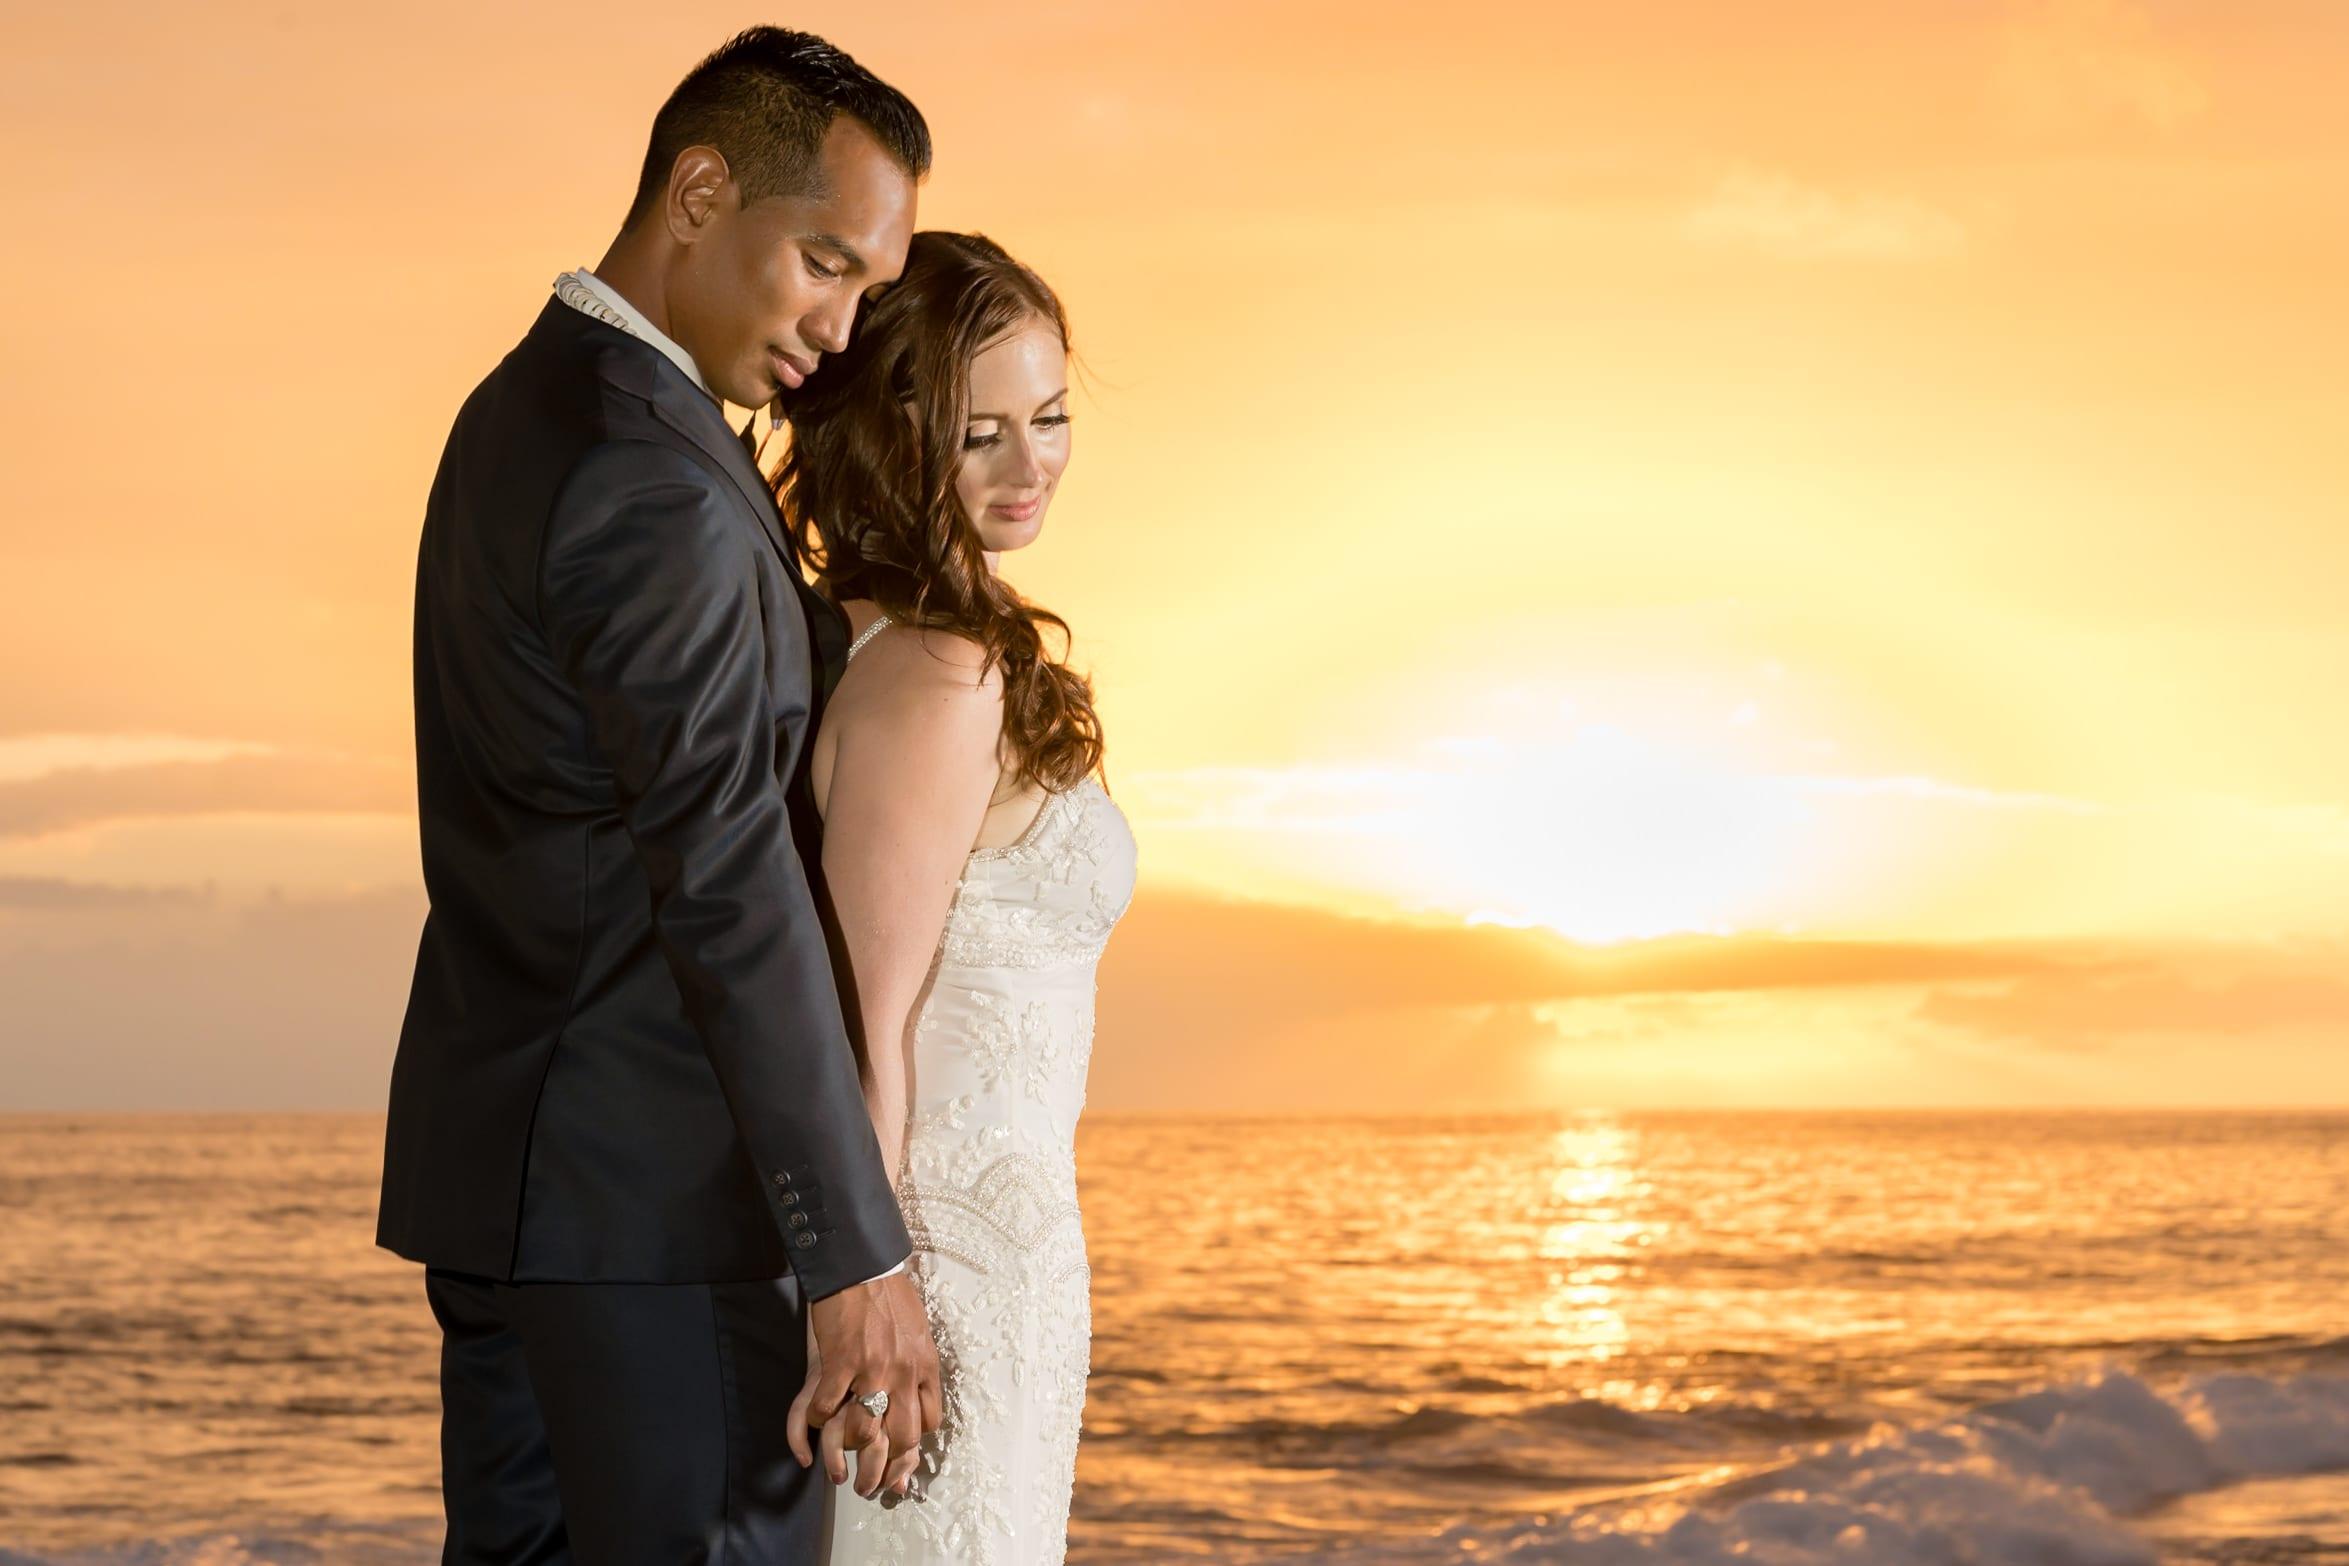 Big-Island-Hawaii-Jade-Keyes-Derrick-Alig-Daylight-Mind-Kailua-Kona-Hawaii-Wedding19.jpg